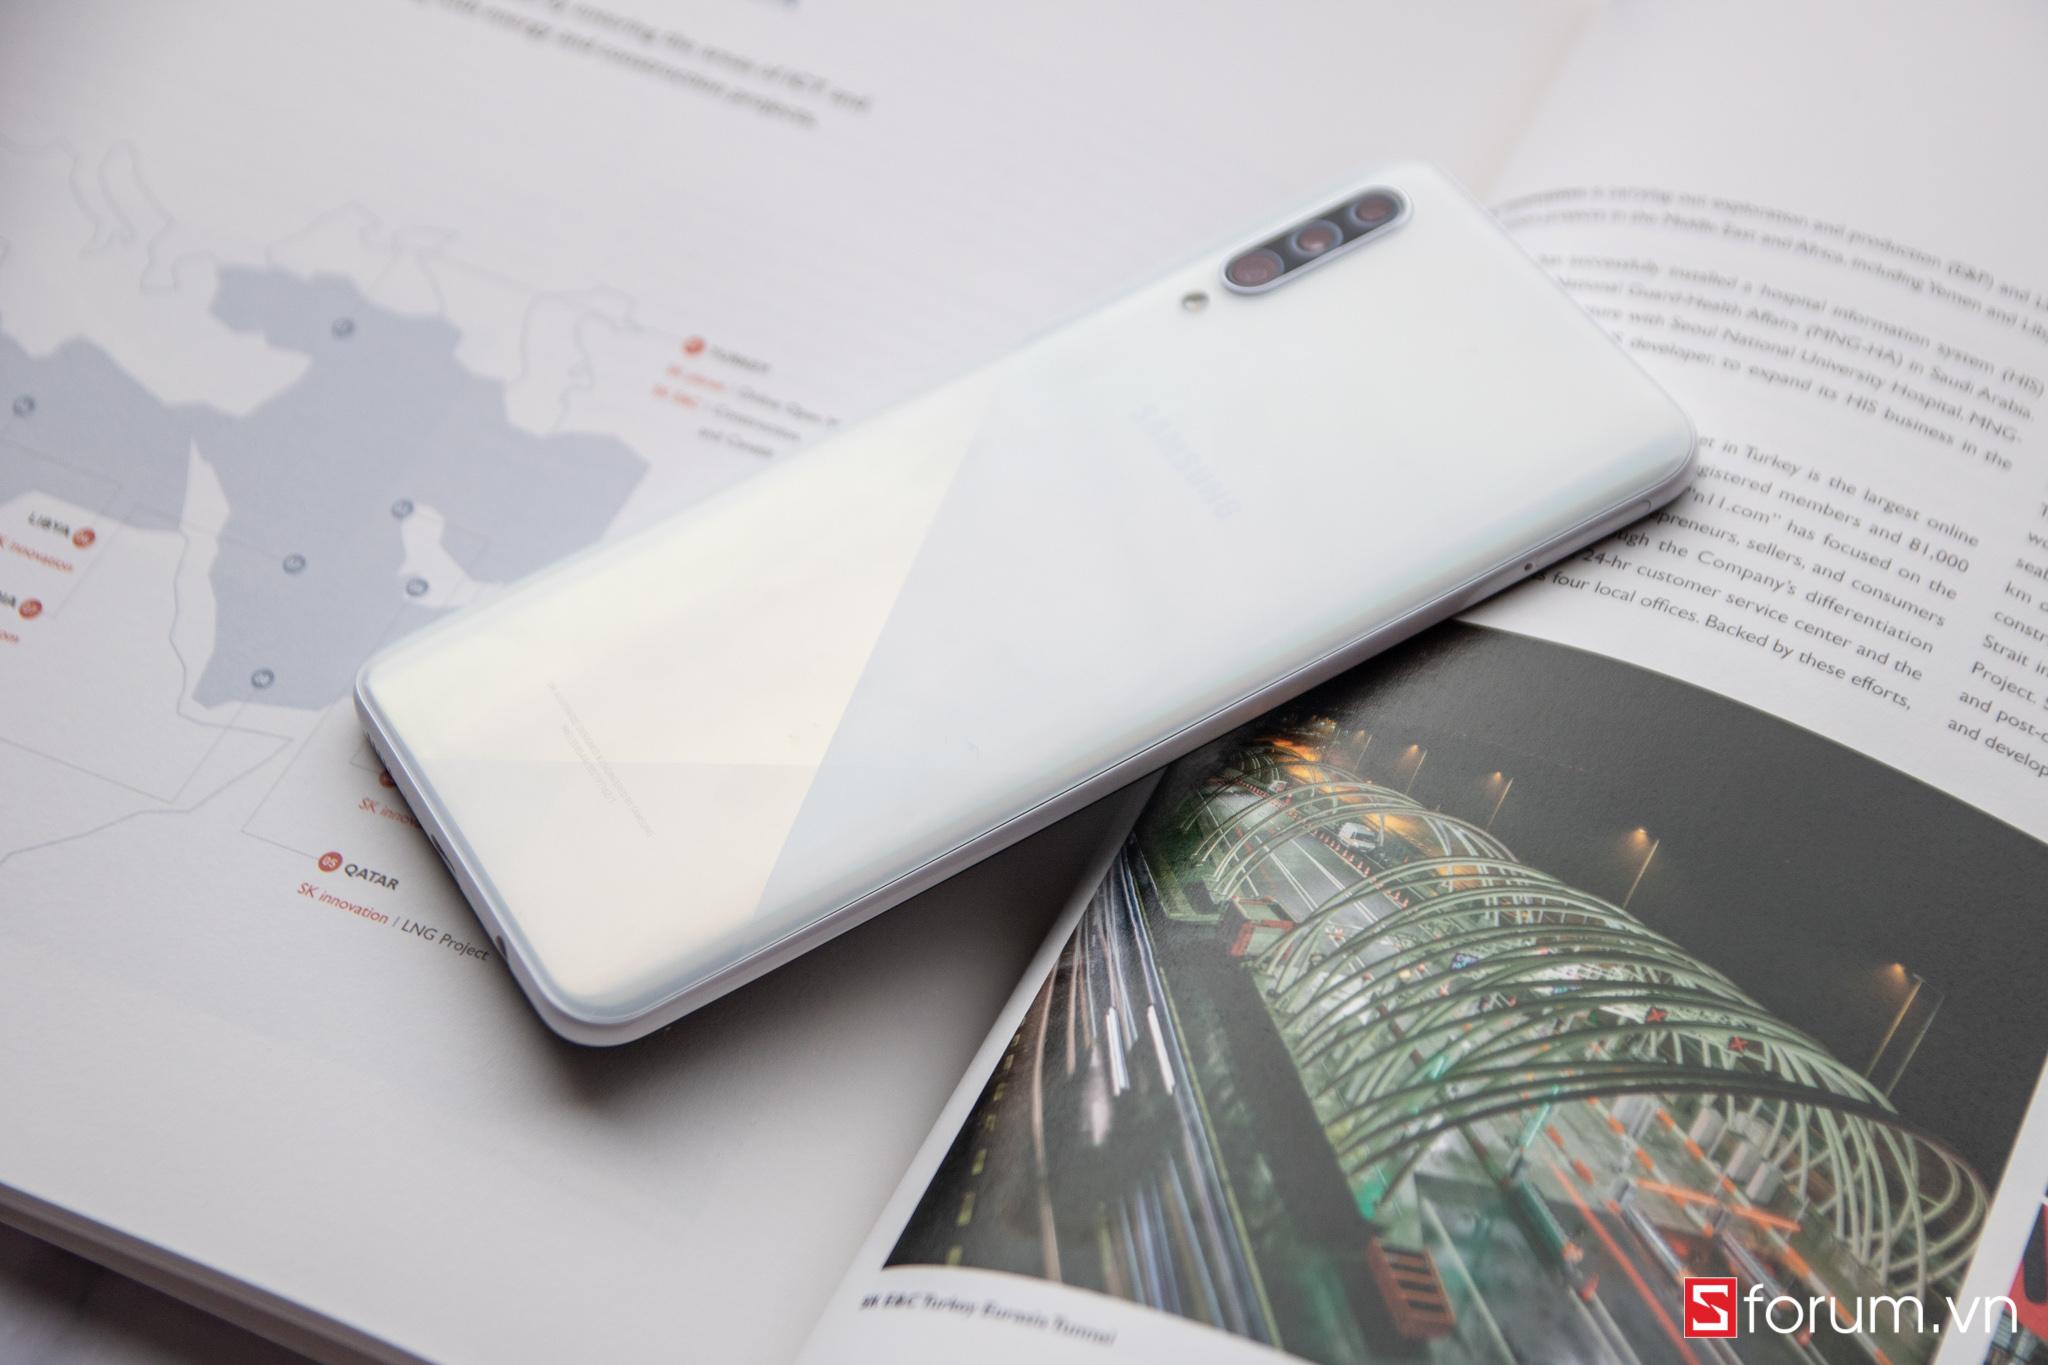 Sforum - Trang thông tin công nghệ mới nhất Galaxy-A30s-11 Mở hộp và trên tay Galaxy A30s: Màn hình AMOLED HD+, RAM 4GB, pin 4000mAh sạc nhanh, giá 6.3 triệu